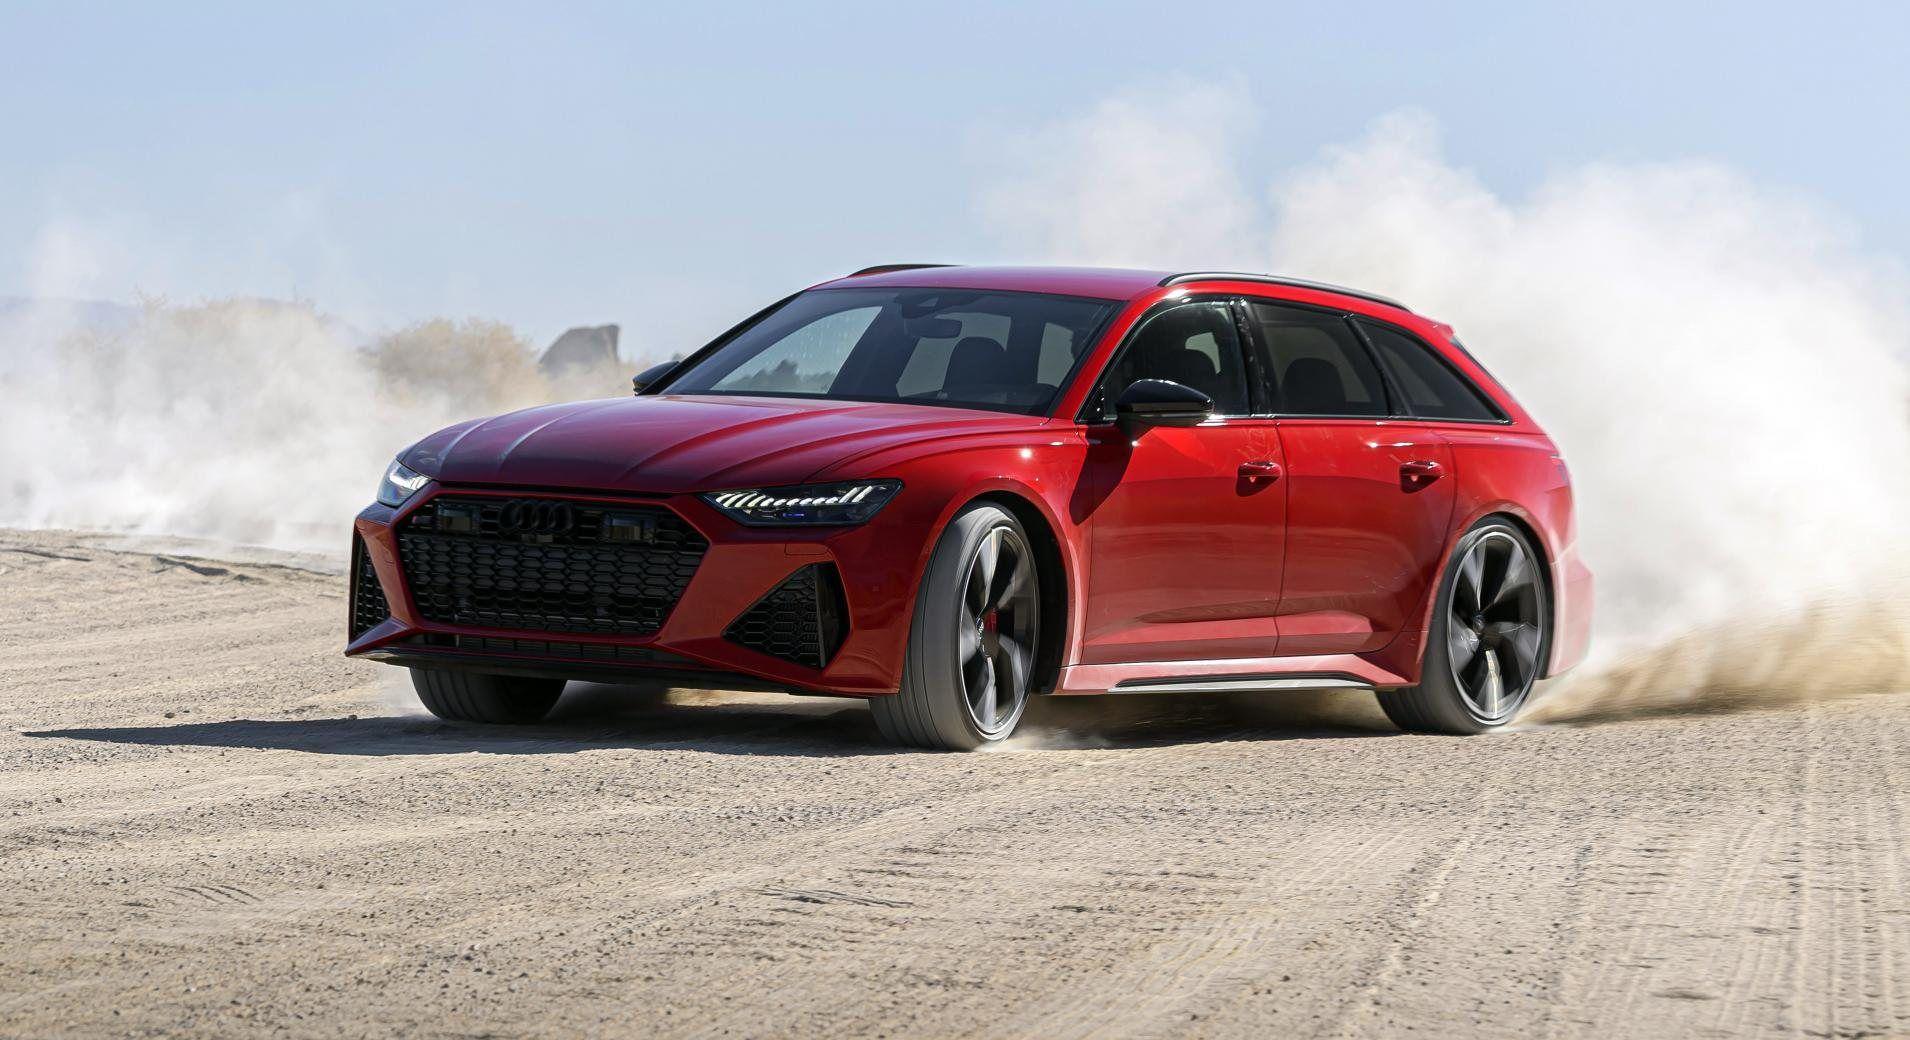 2021 Audi A6 Comes Model | Audi rs6, Audi a6, Audi